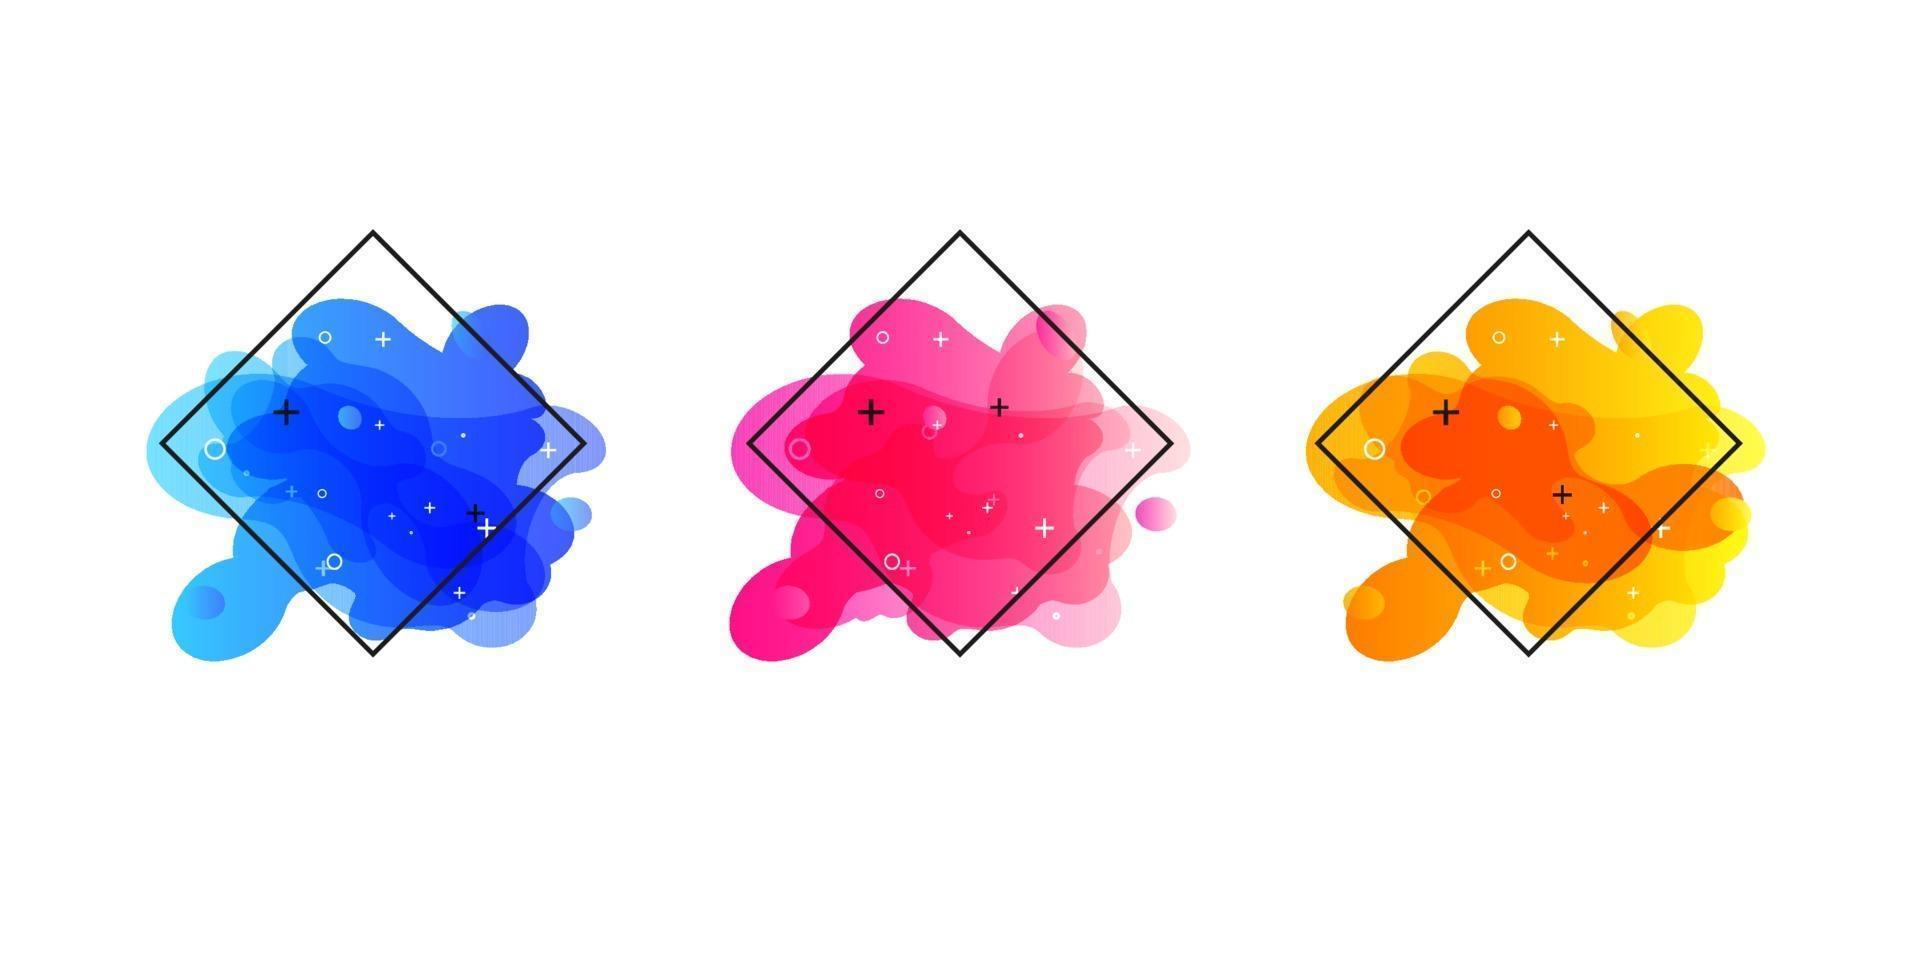 Banners geométricos degradados con formas líquidas que fluyen. Diseño fluido dinámico para logo, flyers o presentación. fondo abstracto del vector